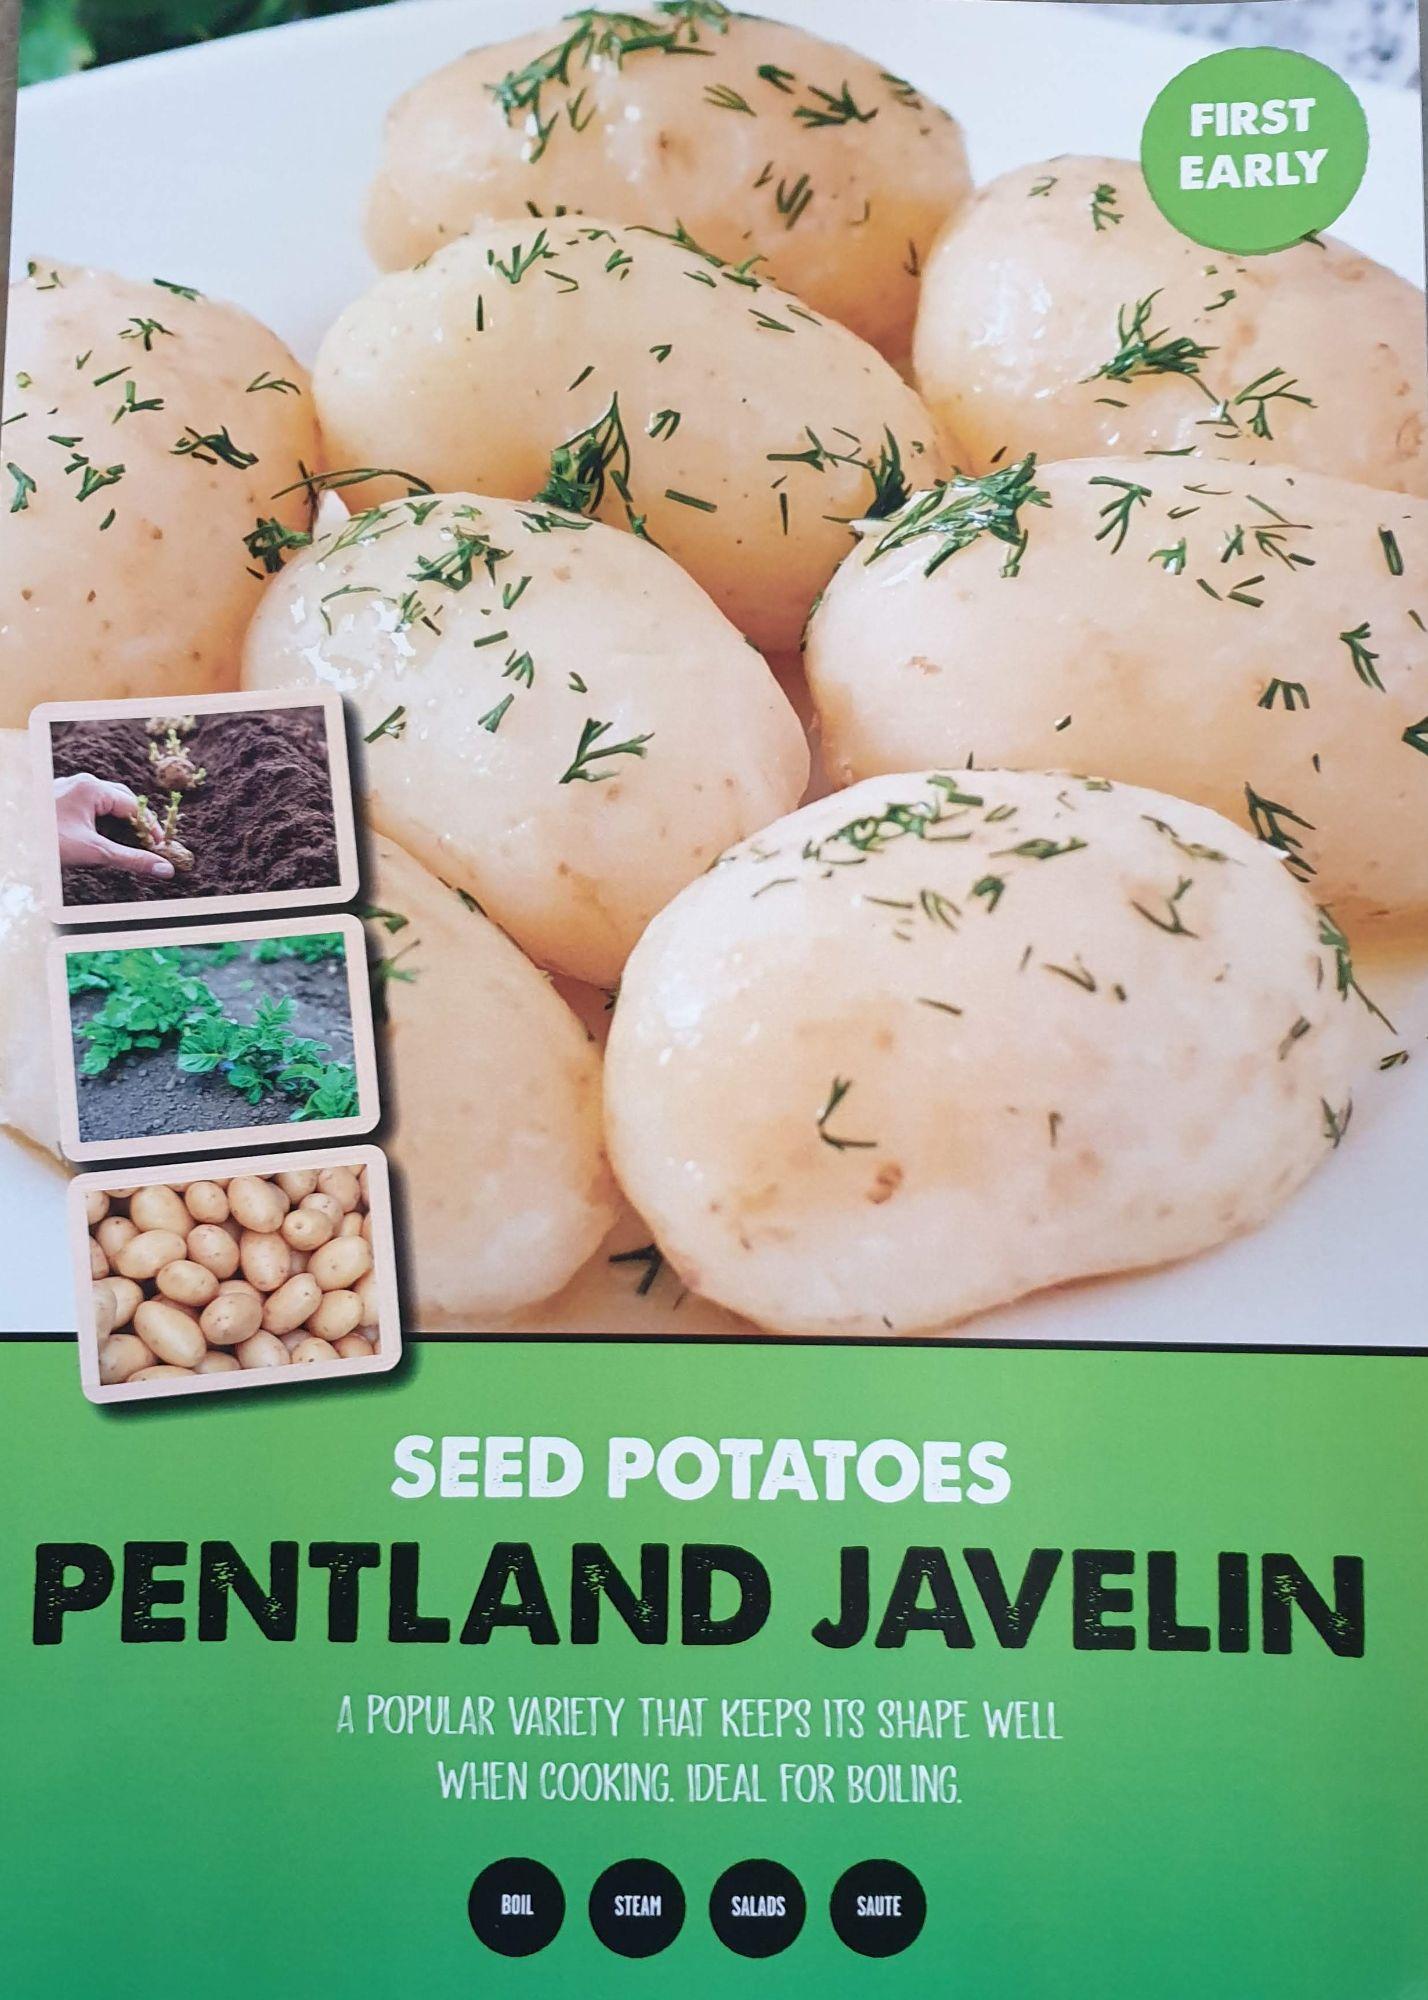 pentland_javelin_seed_potato_info.jpg